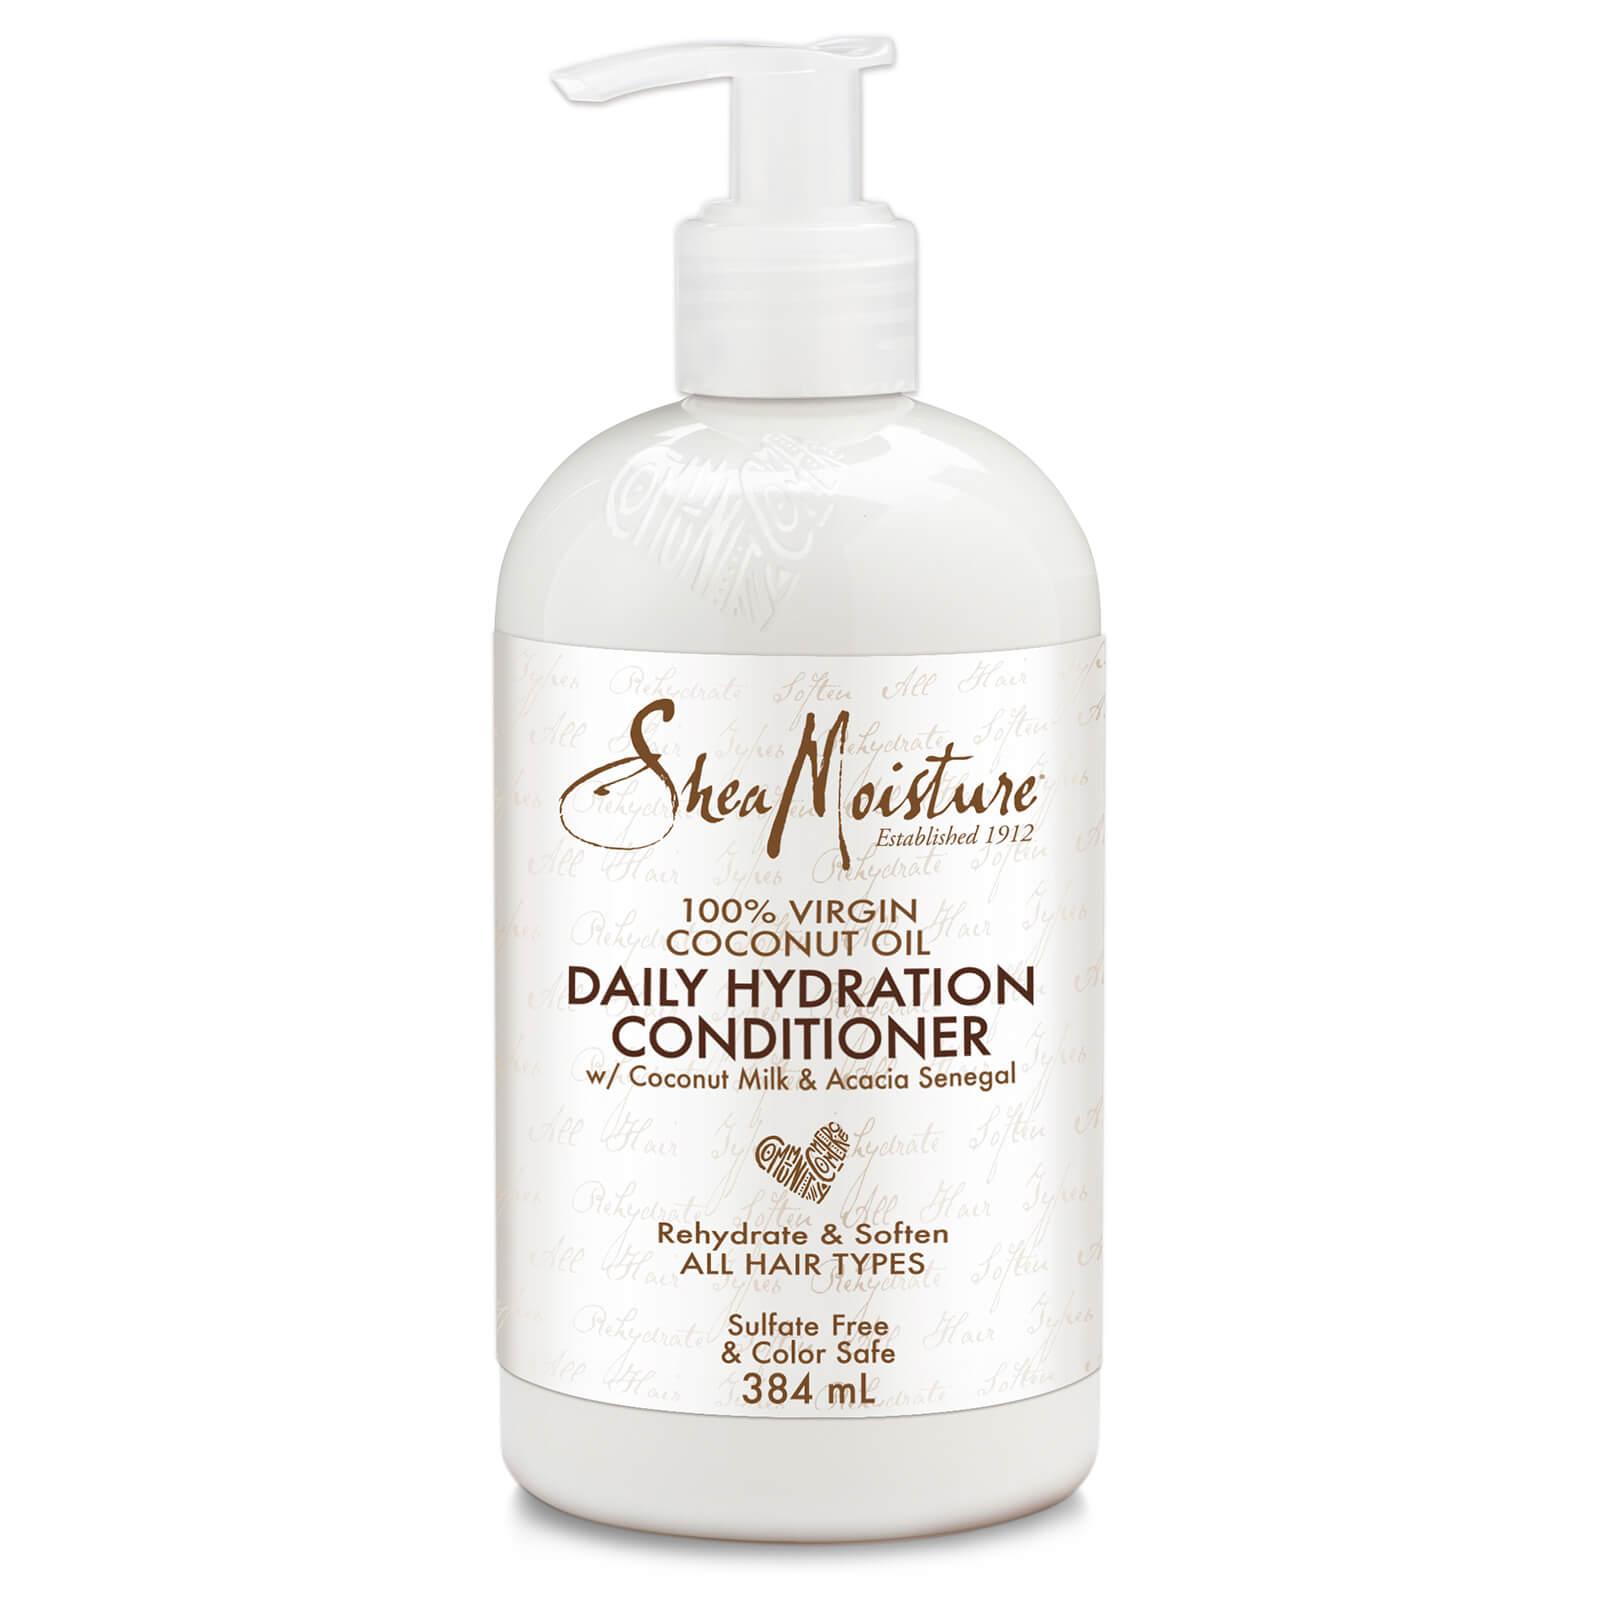 Shea Moisture Après-shampooing hydratation quotidienne à l'huile de noix de coco 100% vierge Shea Moisture 384ml